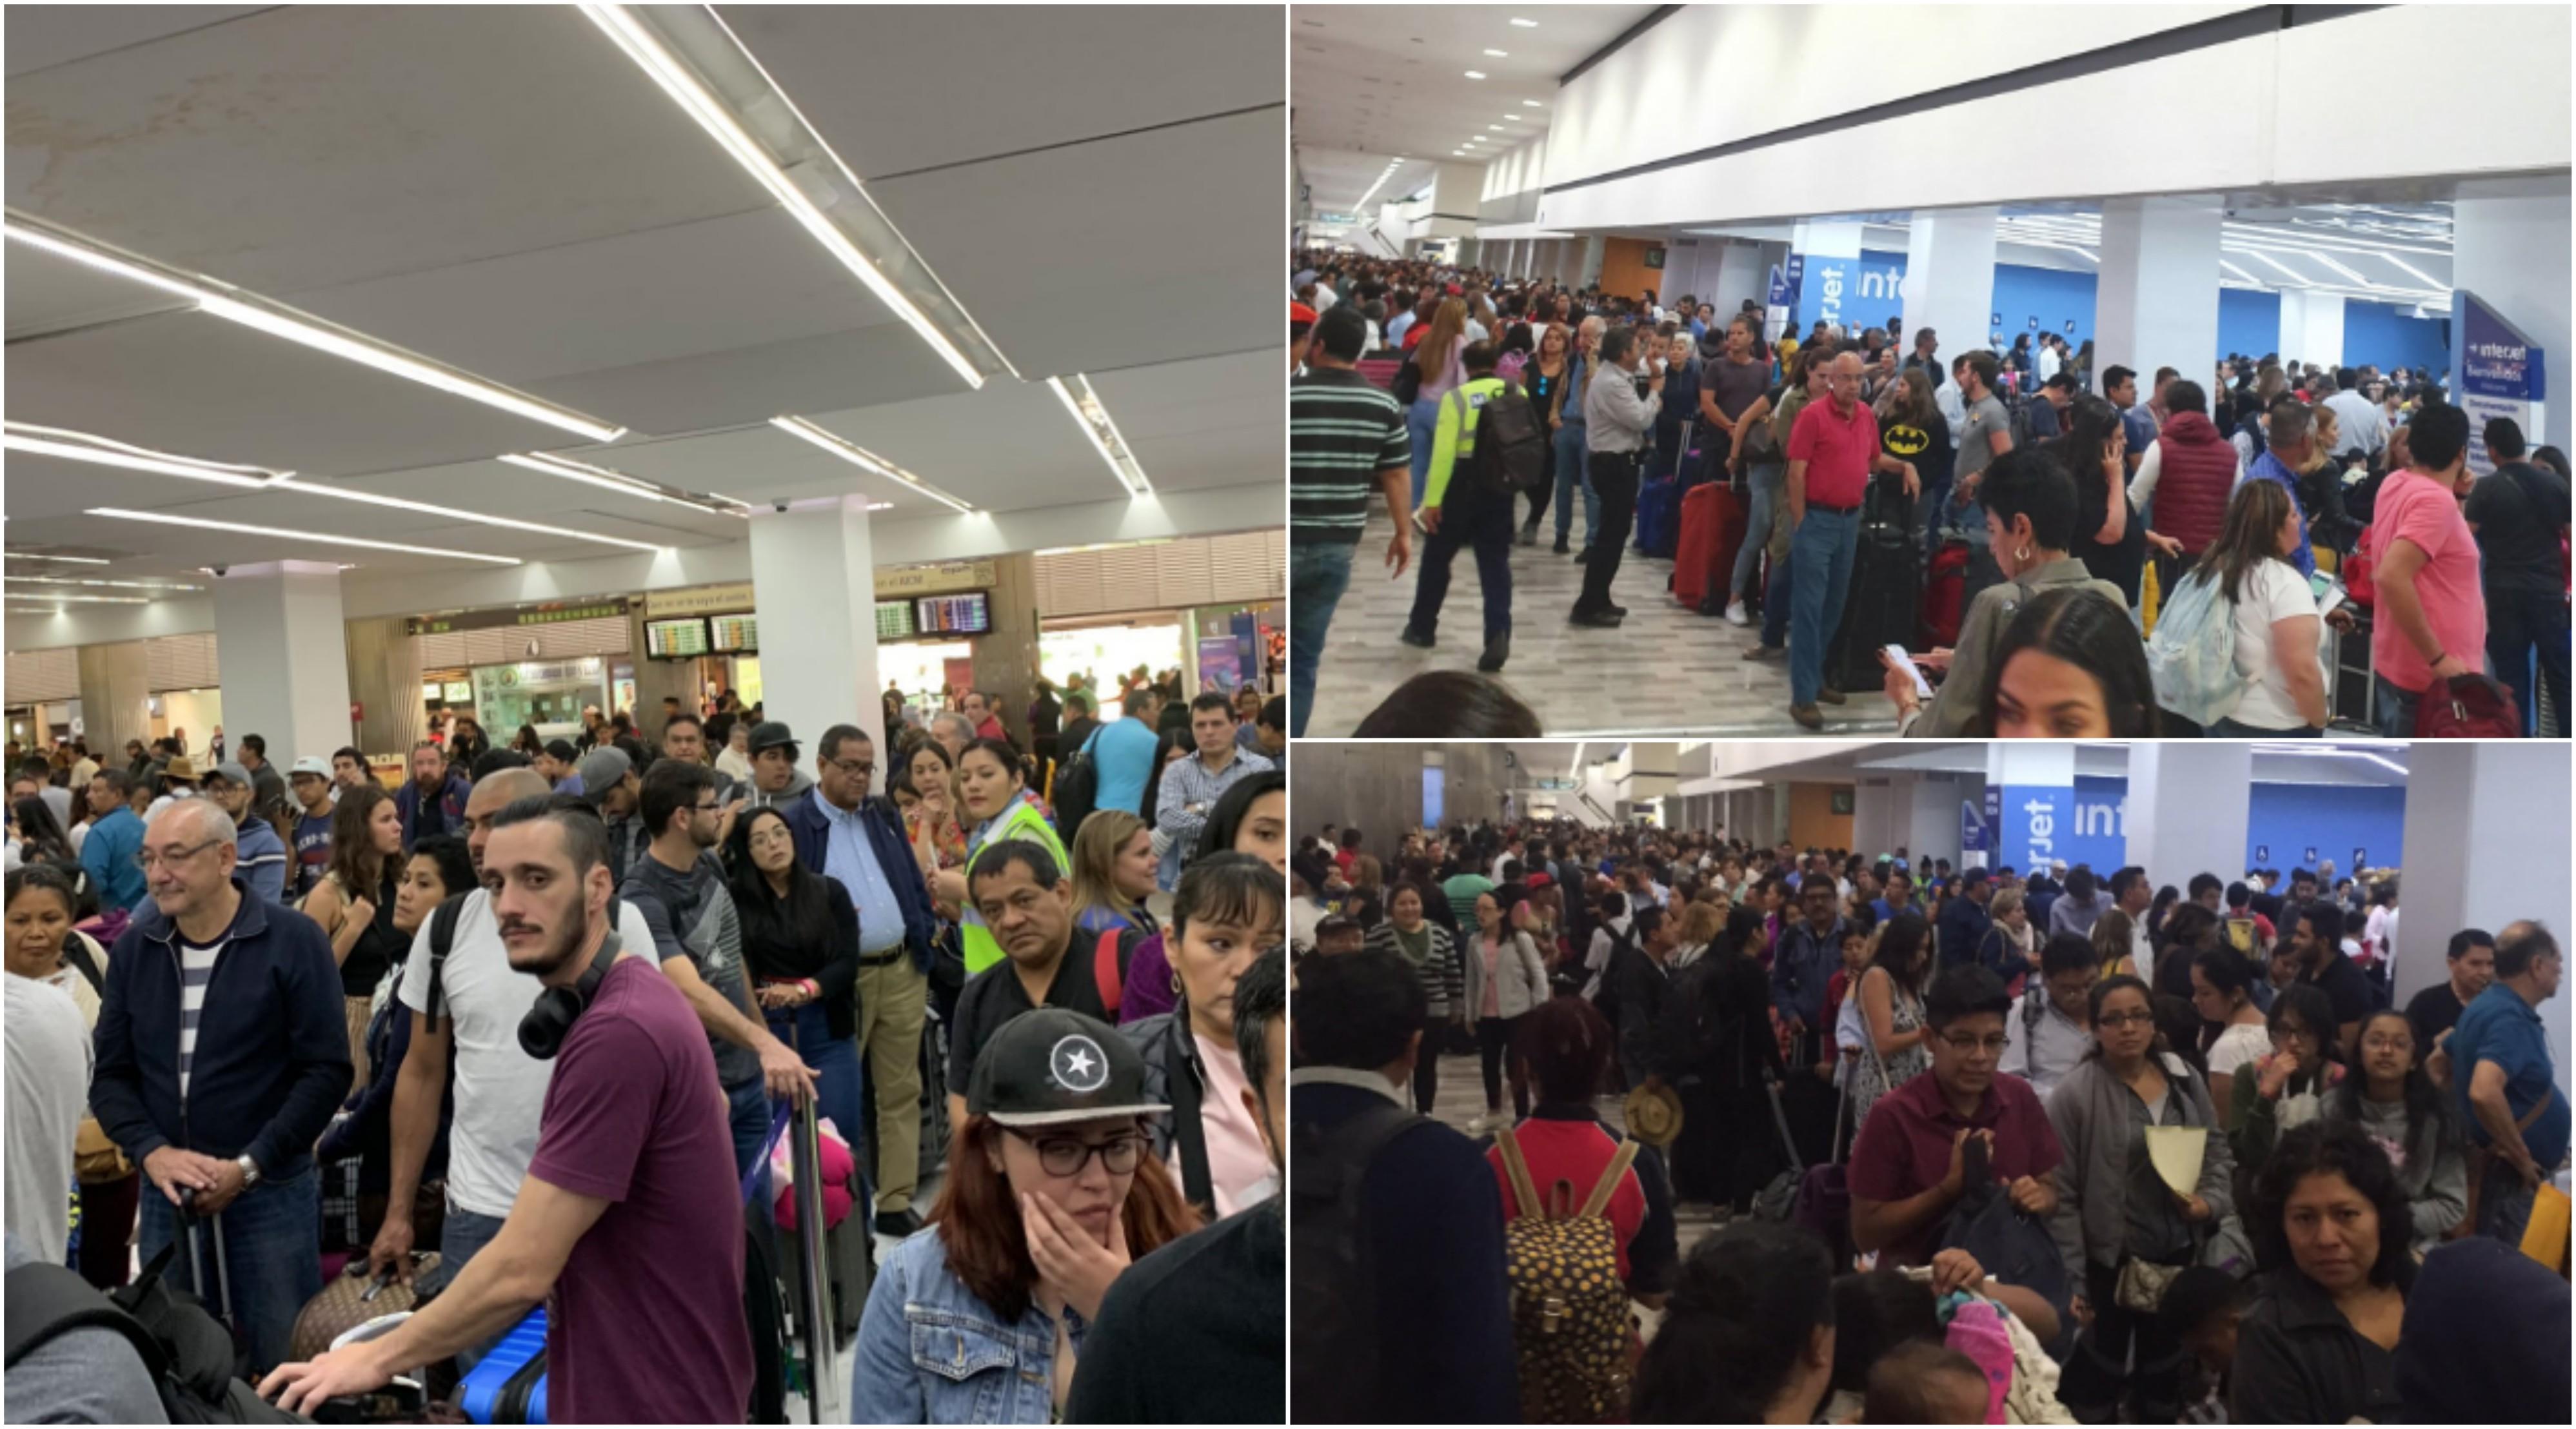 Continúa el caos en Interjet, van 27 vuelos cancelados